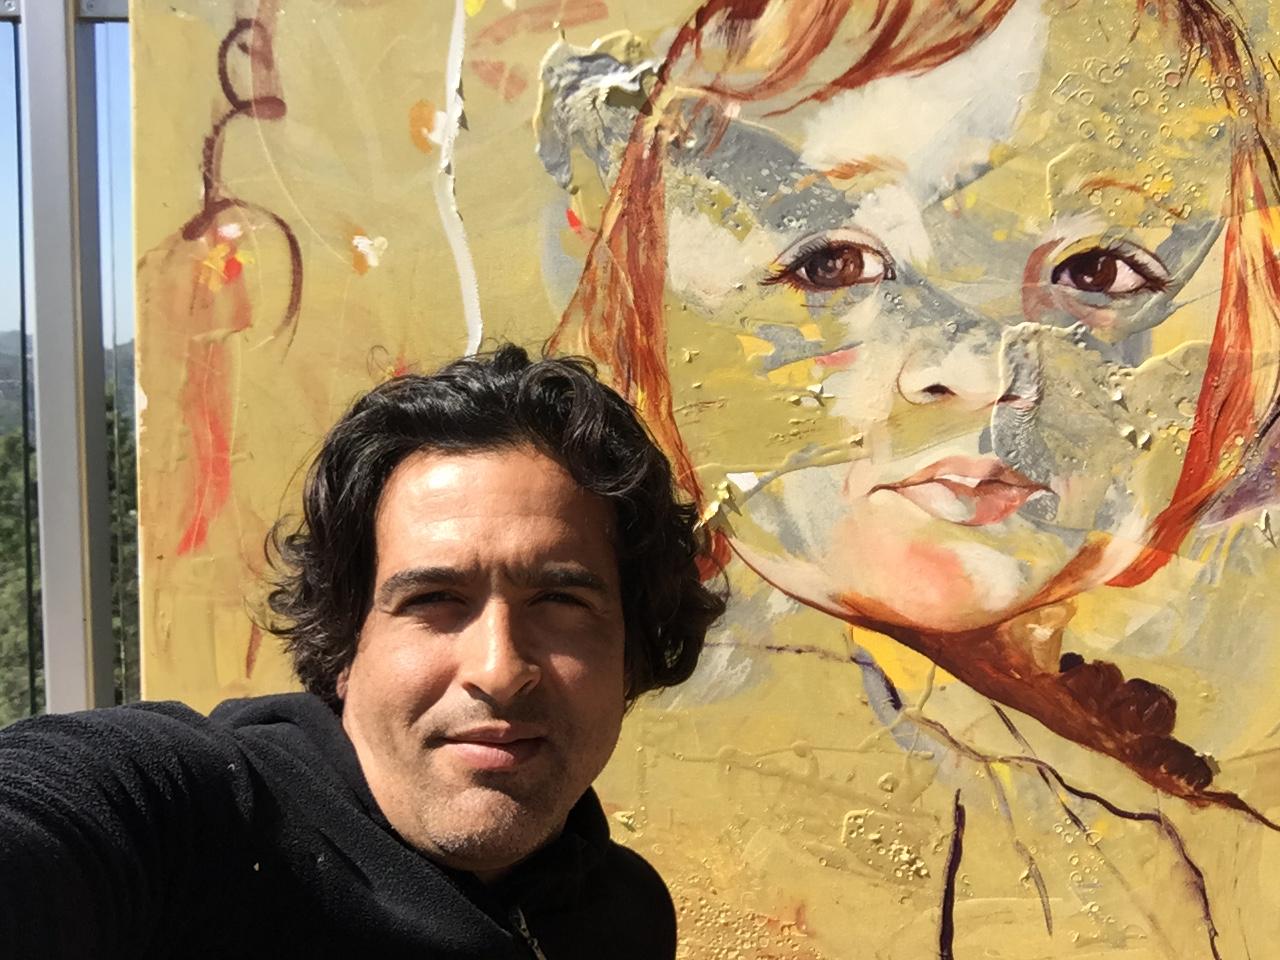 ALEJANDRO LEYVA LOS ANGELES CA 2015